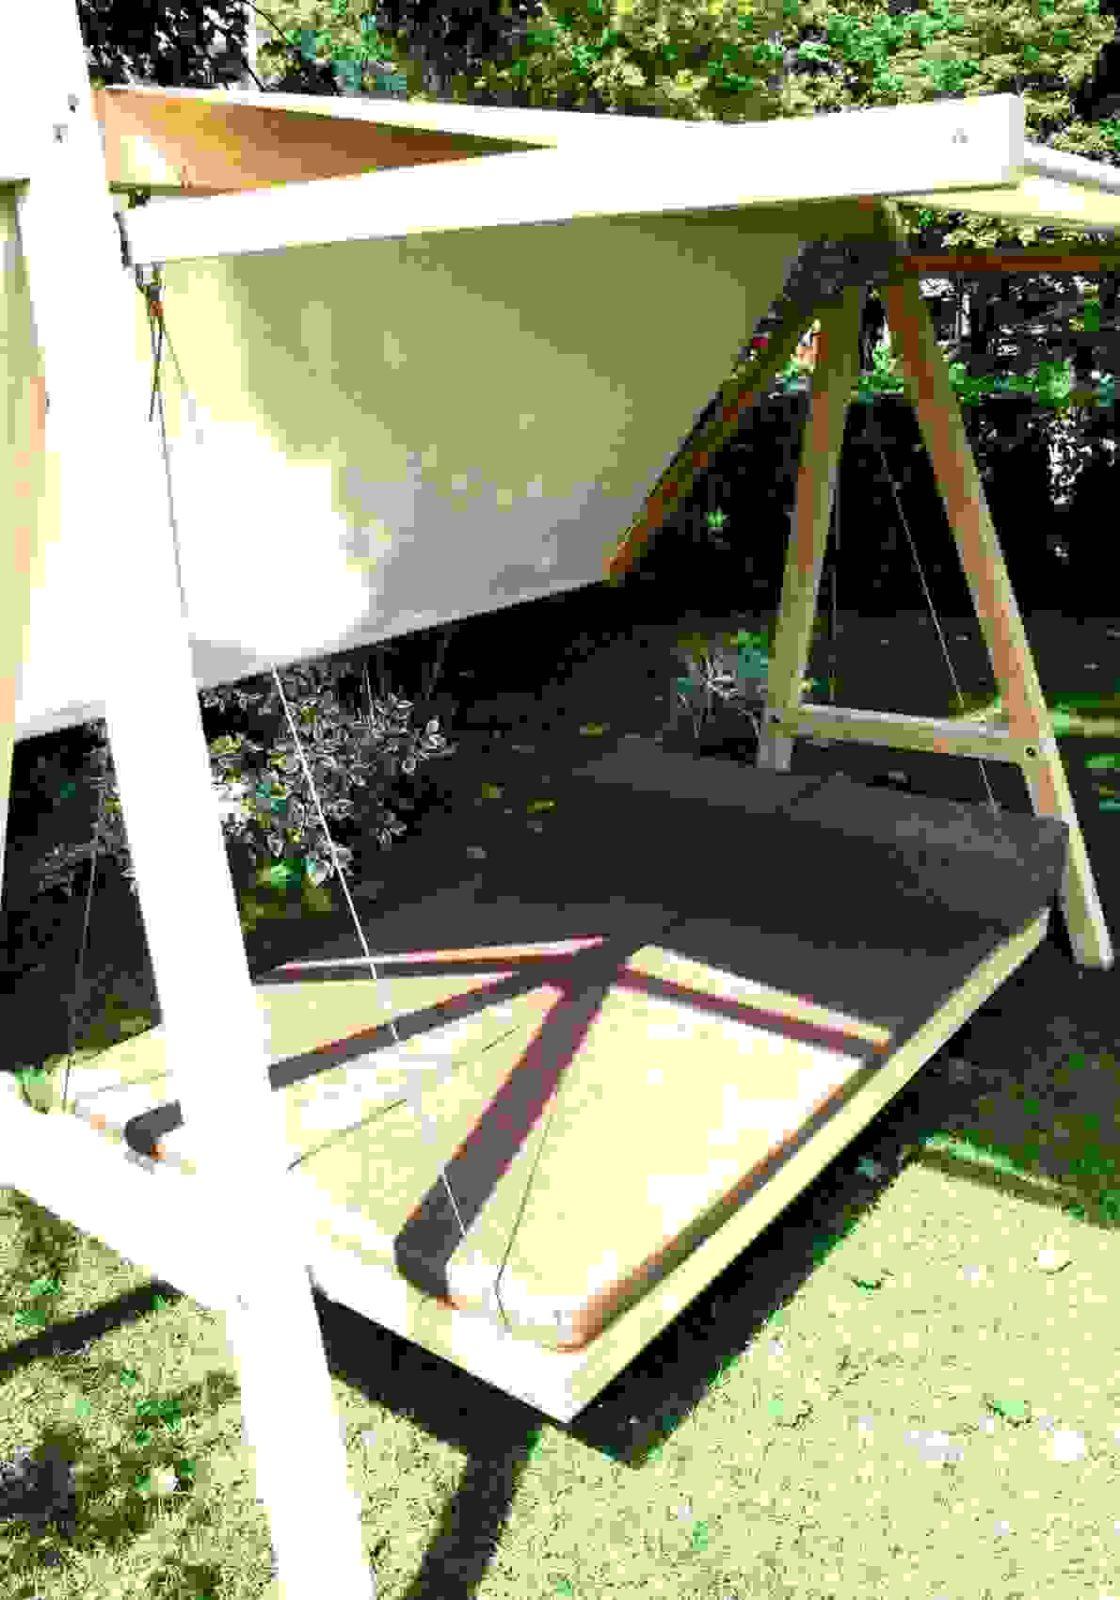 Full Size of Hollywoodschaukel Holz Schaukel Bauen Selber Kopfteil Bett Regale Esstisch Massivholz Sofa Mit Holzfüßen Küche Weiß Regal Modulküche Fliesen In Holzoptik Wohnzimmer Hollywoodschaukel Holz